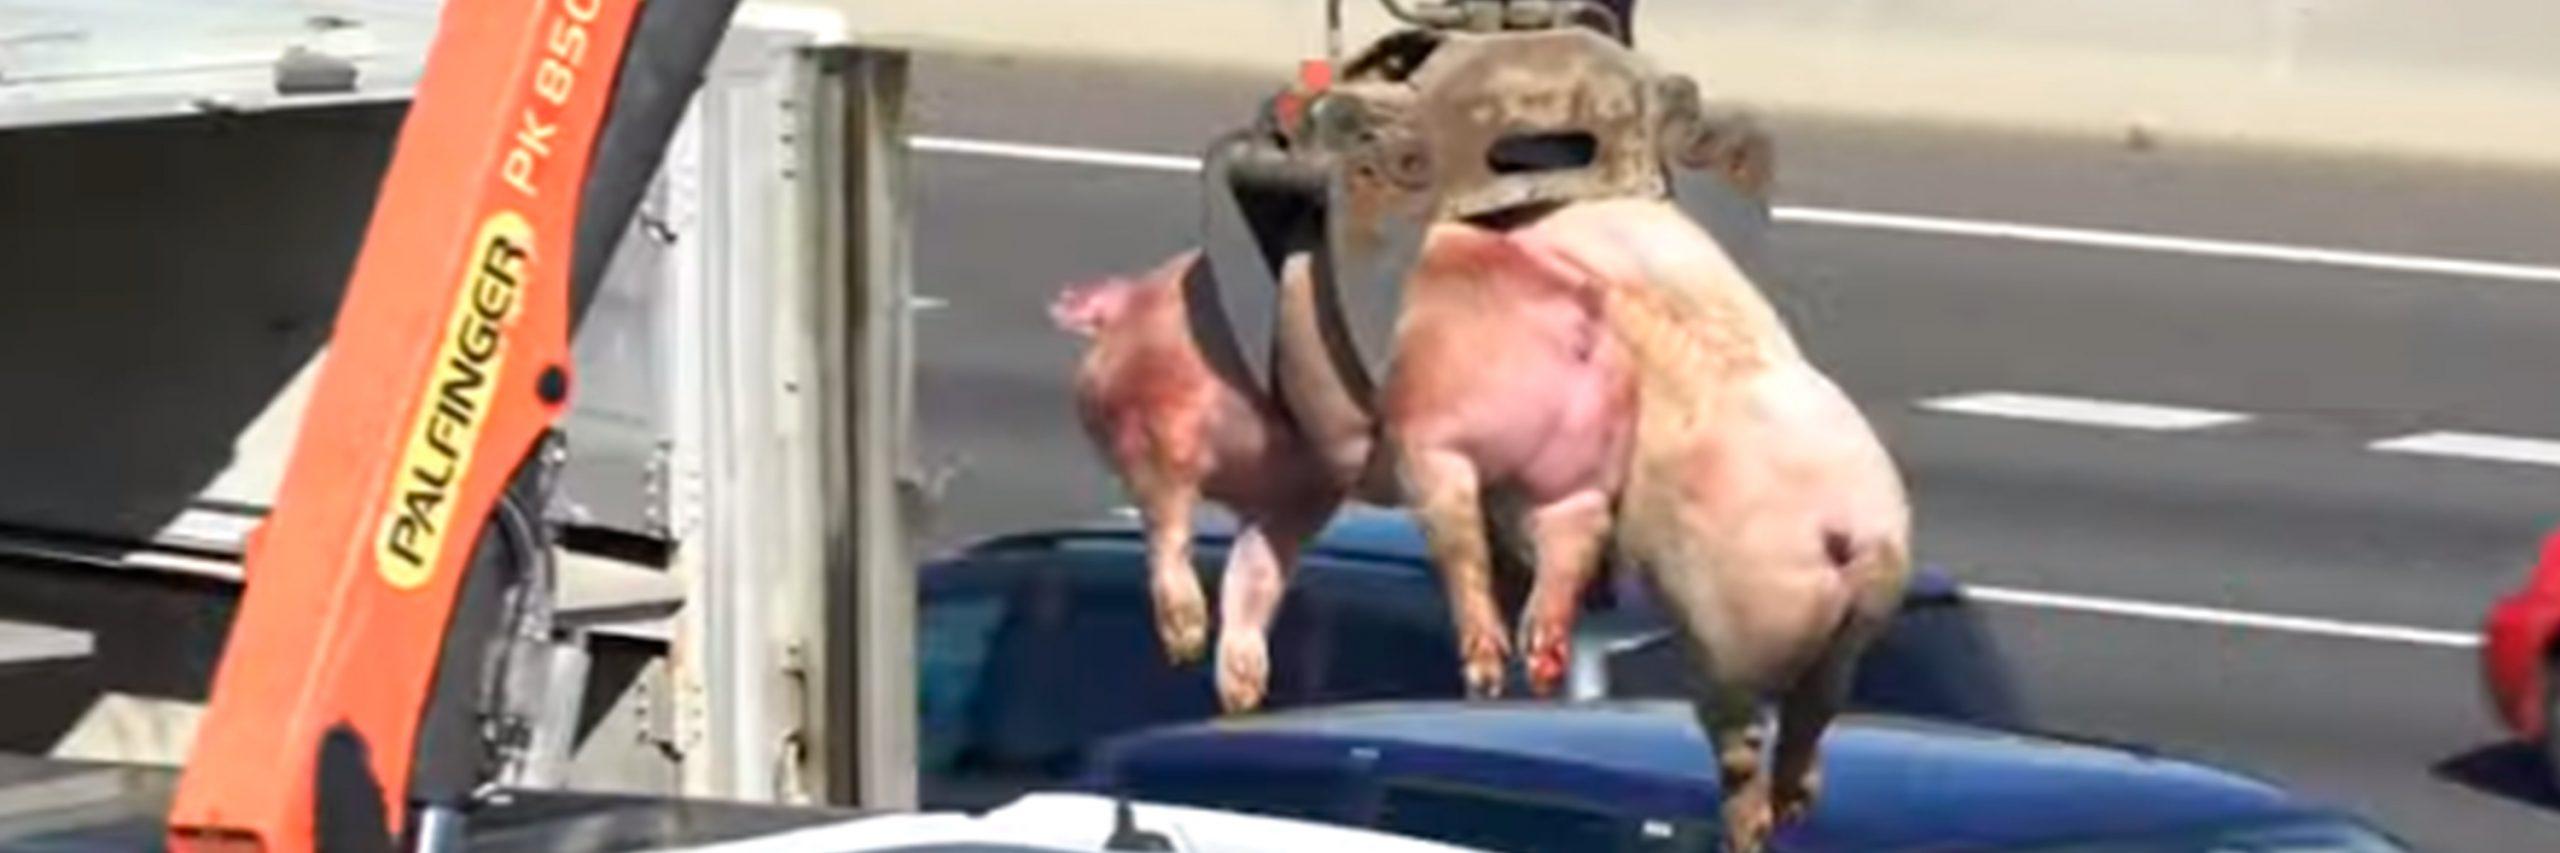 Cerdos en camión volcado